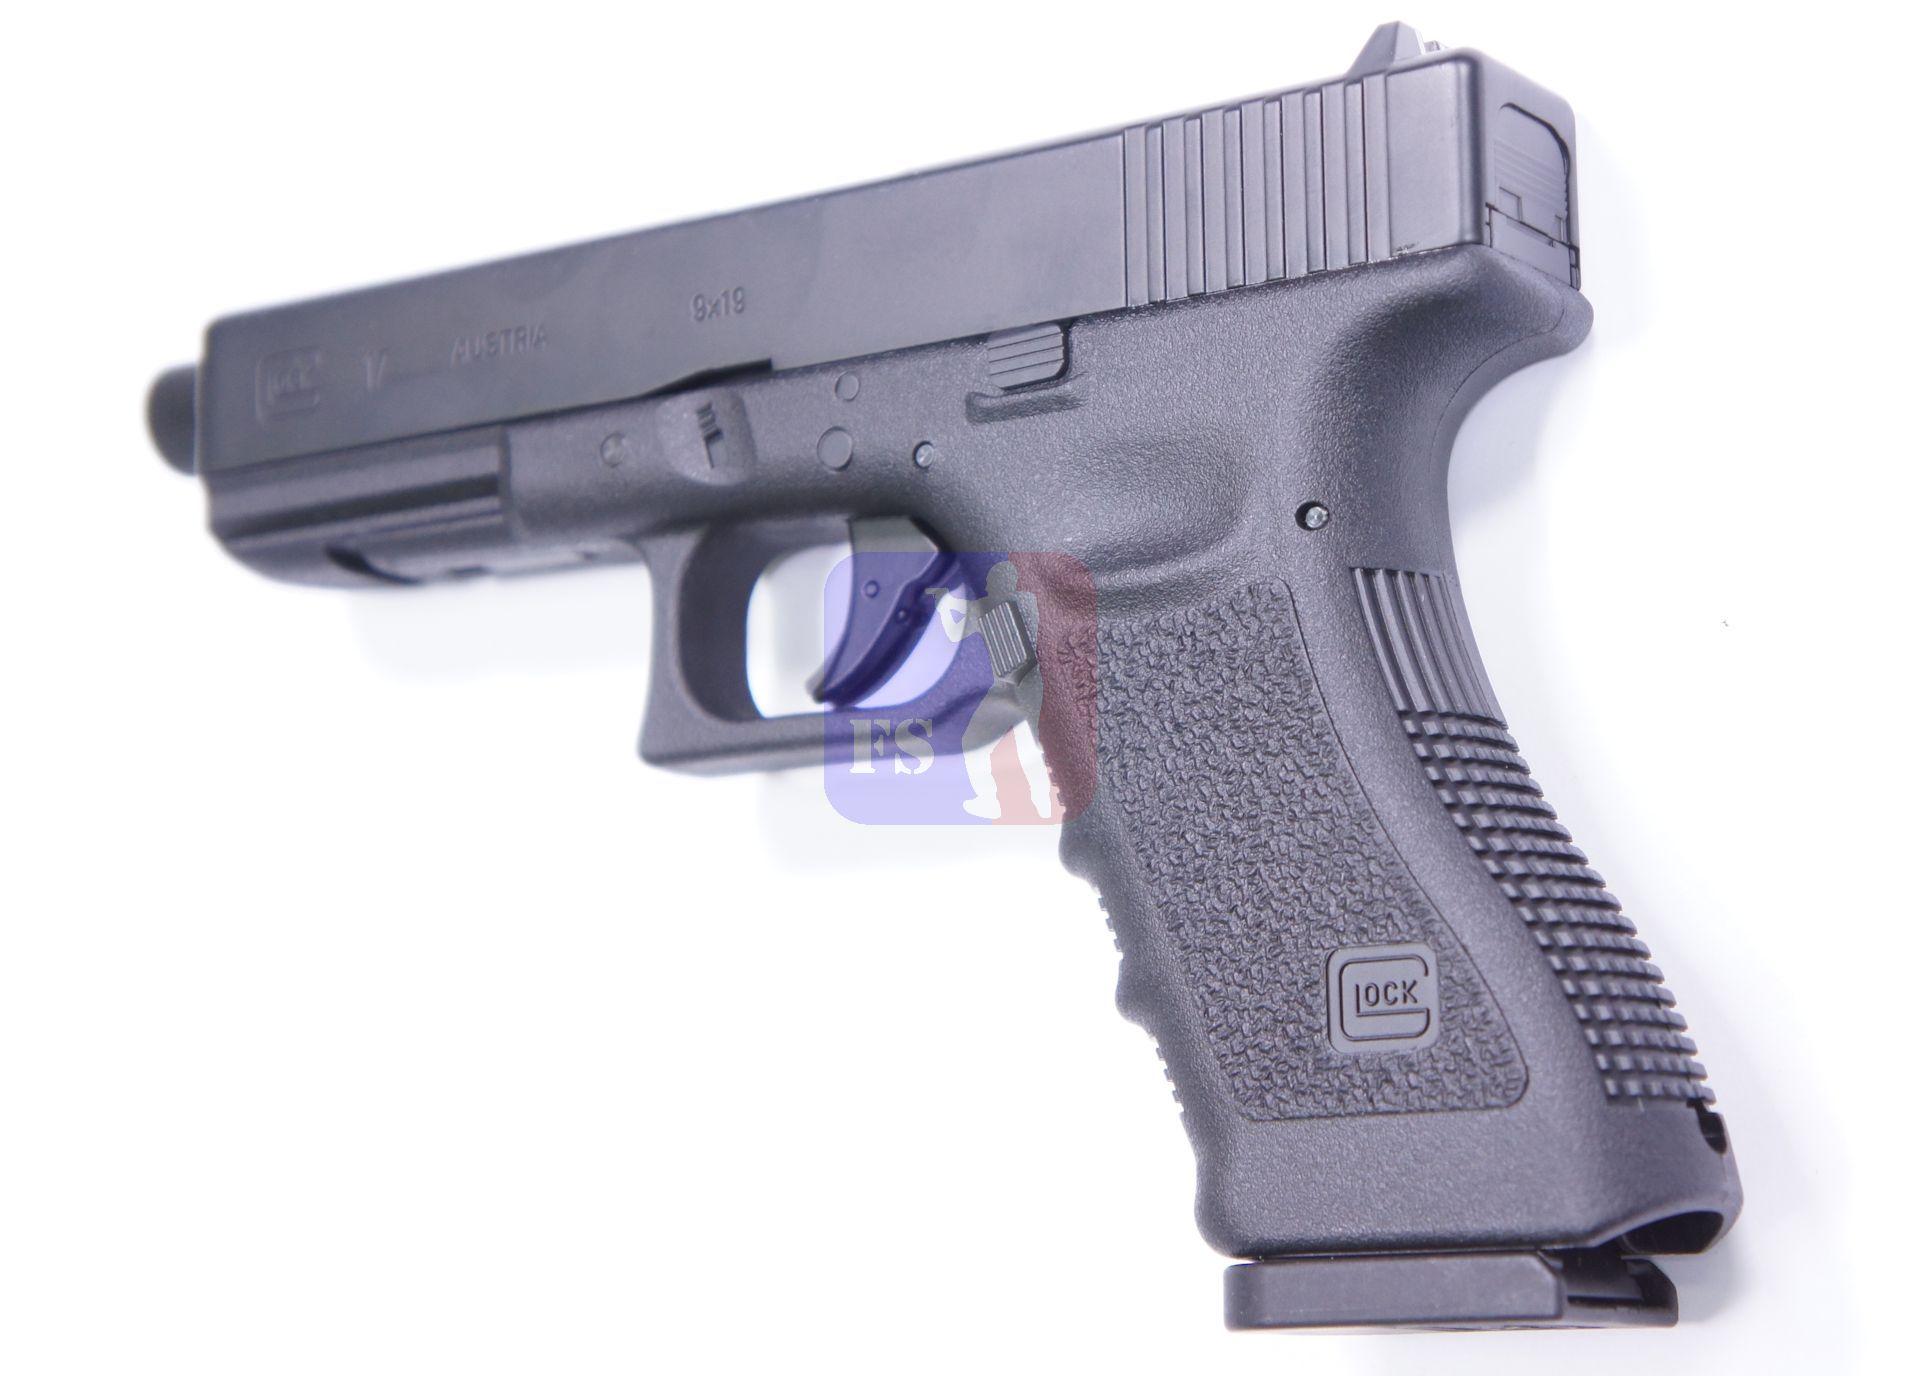 GLOCK 17 als CO2 Pistole ist aus allen Blickwinkeln sehr originalgetreu